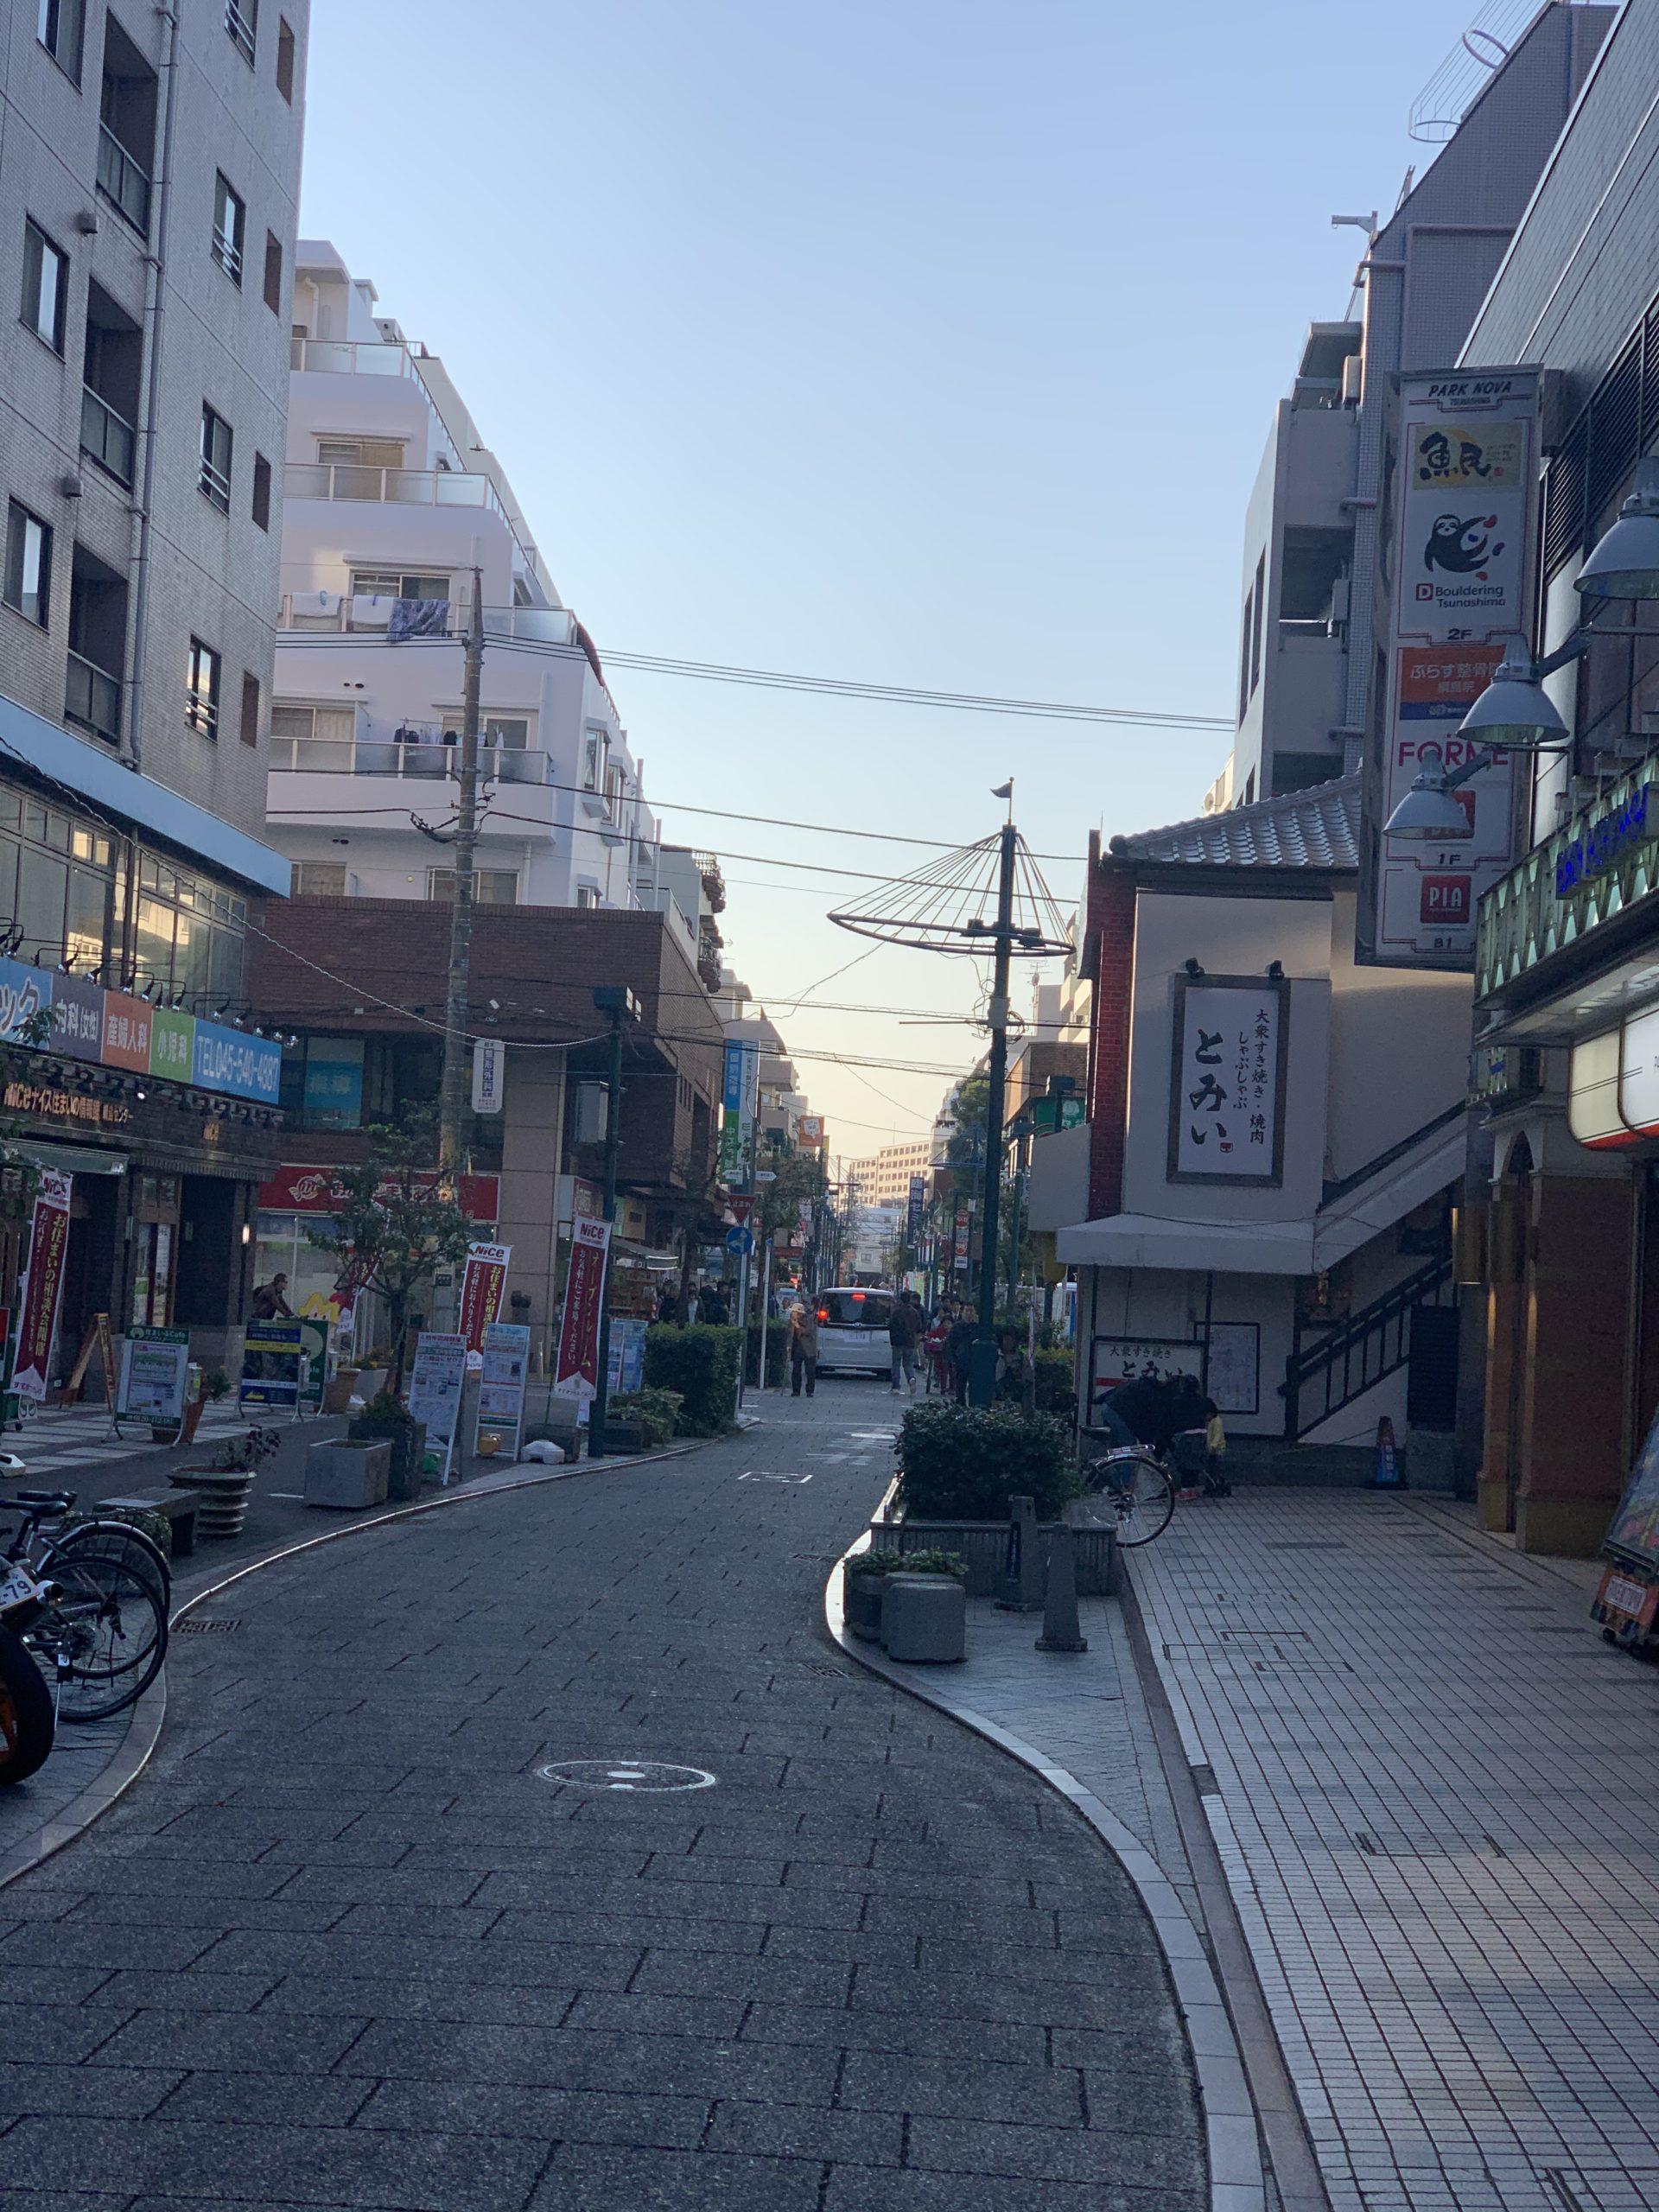 綱島駅前の商店街にあるパデュ通りの画像です